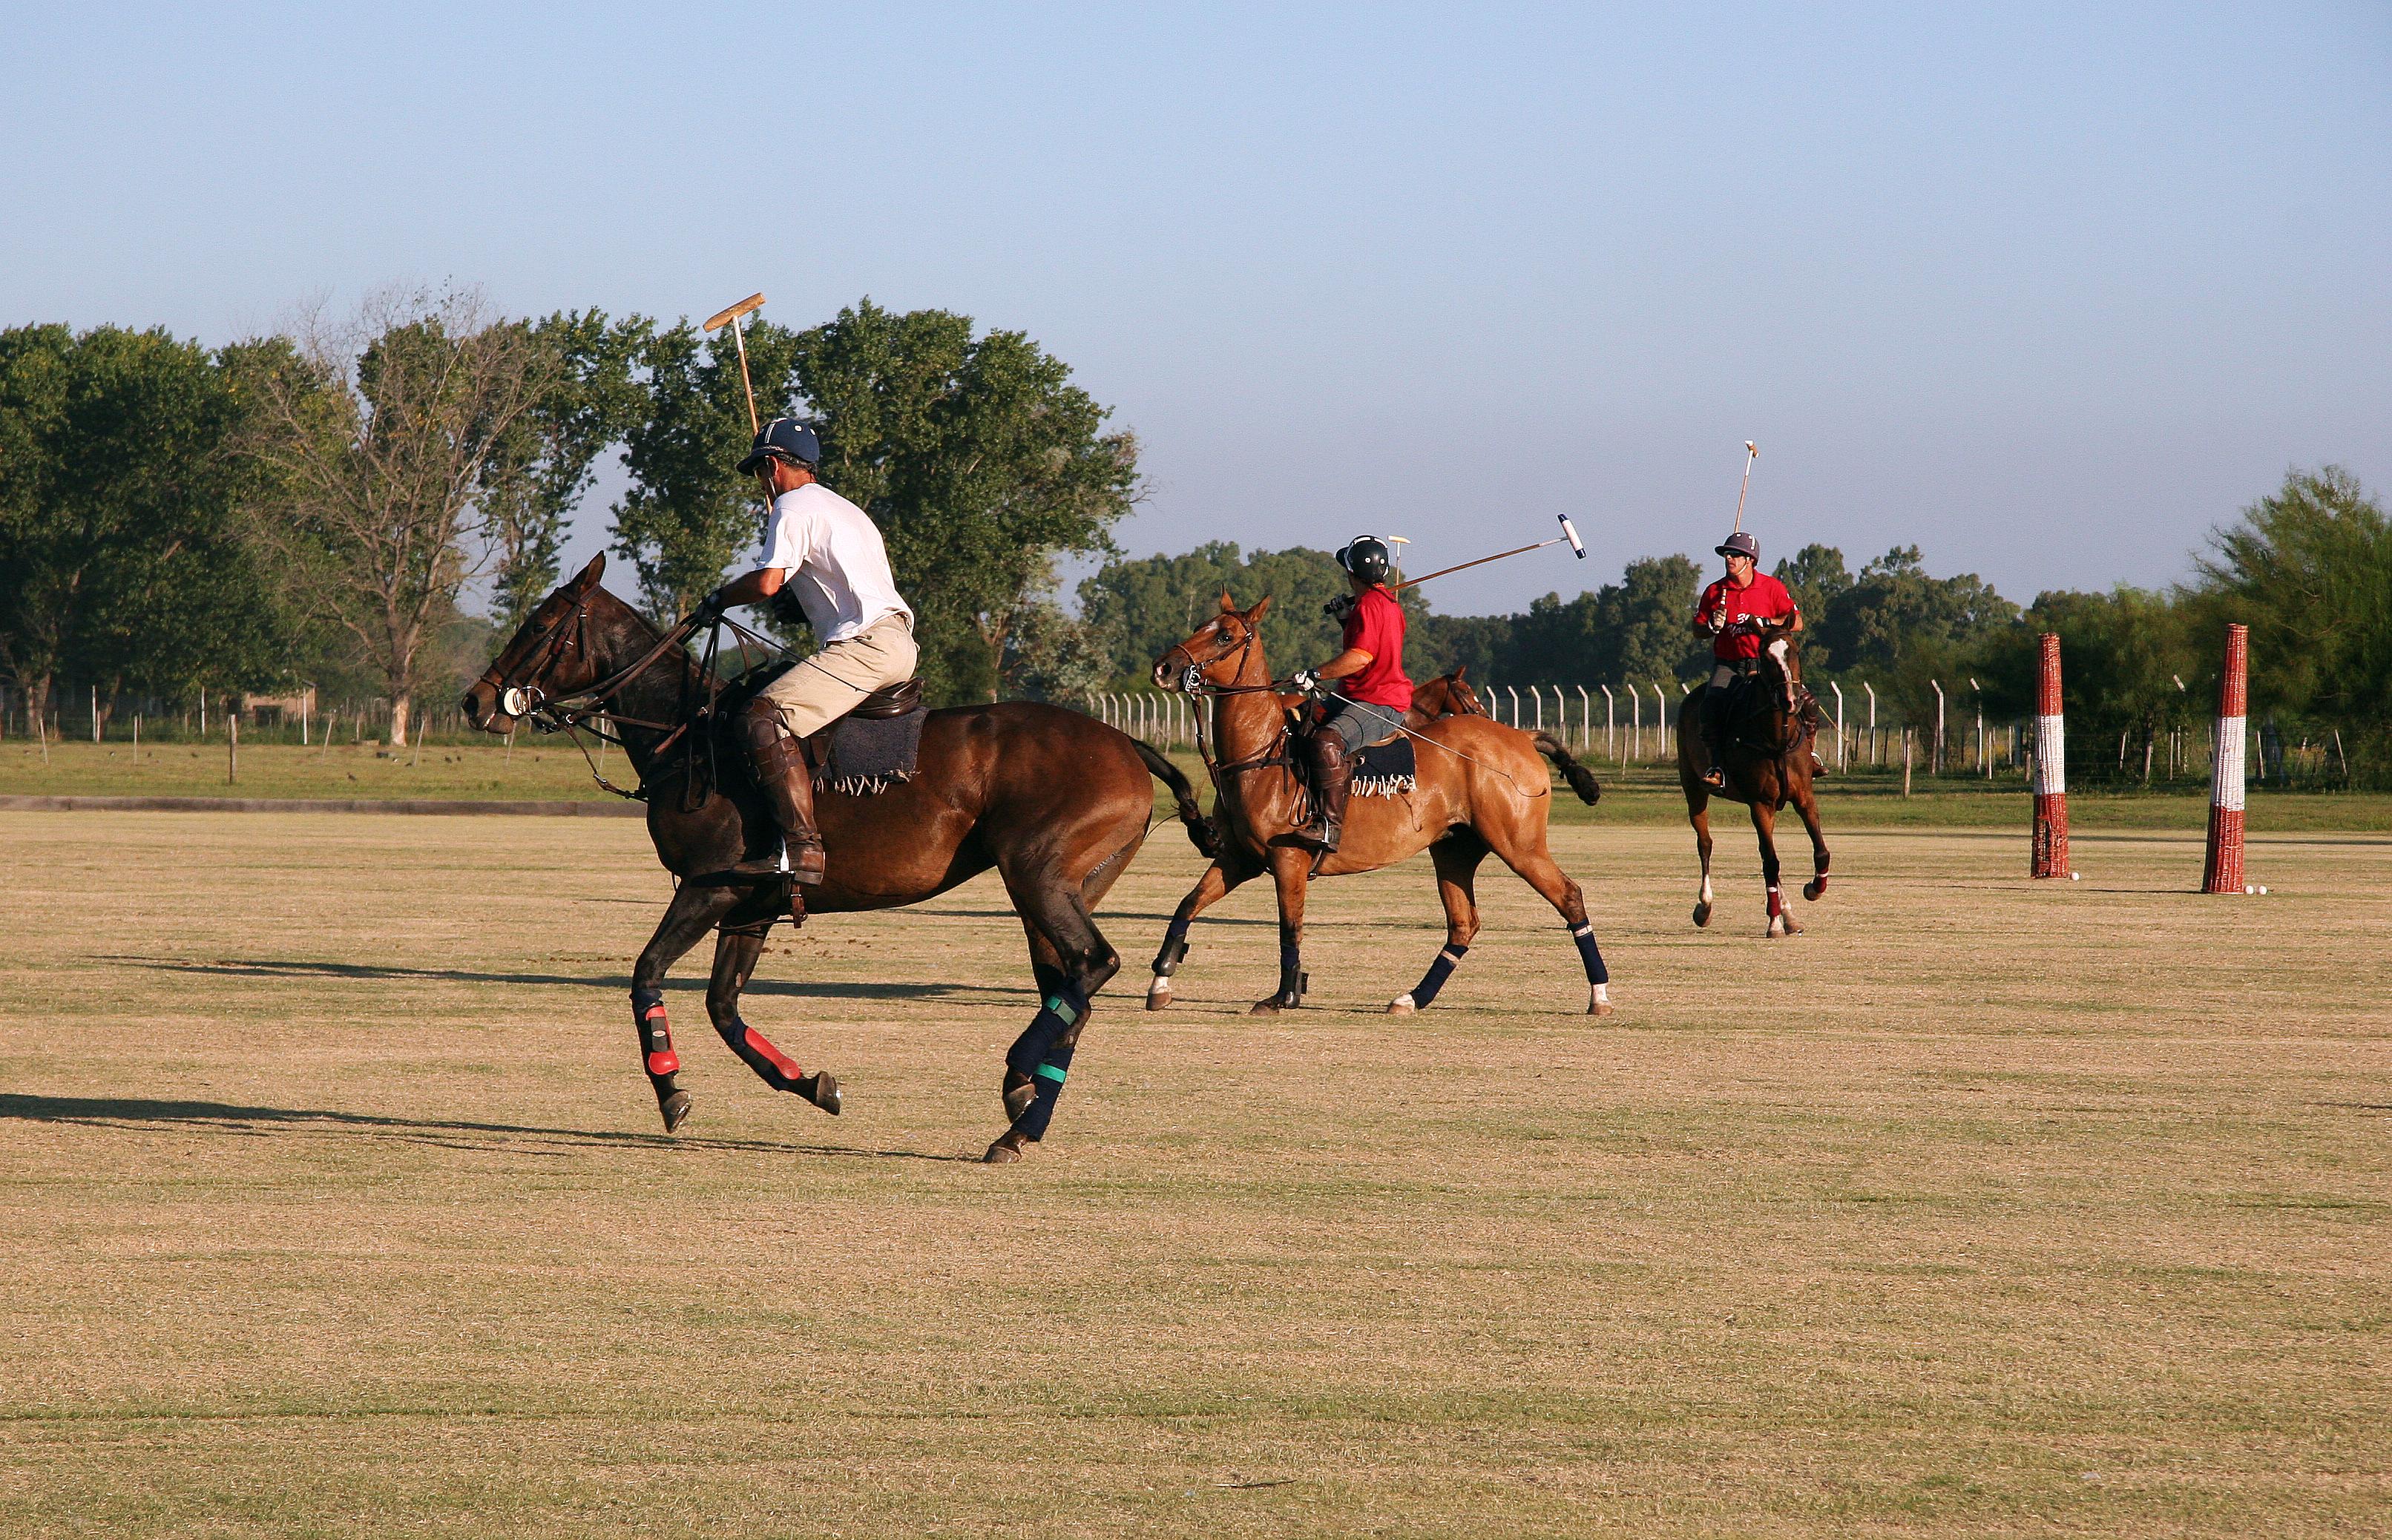 a Polo Game at Capilla